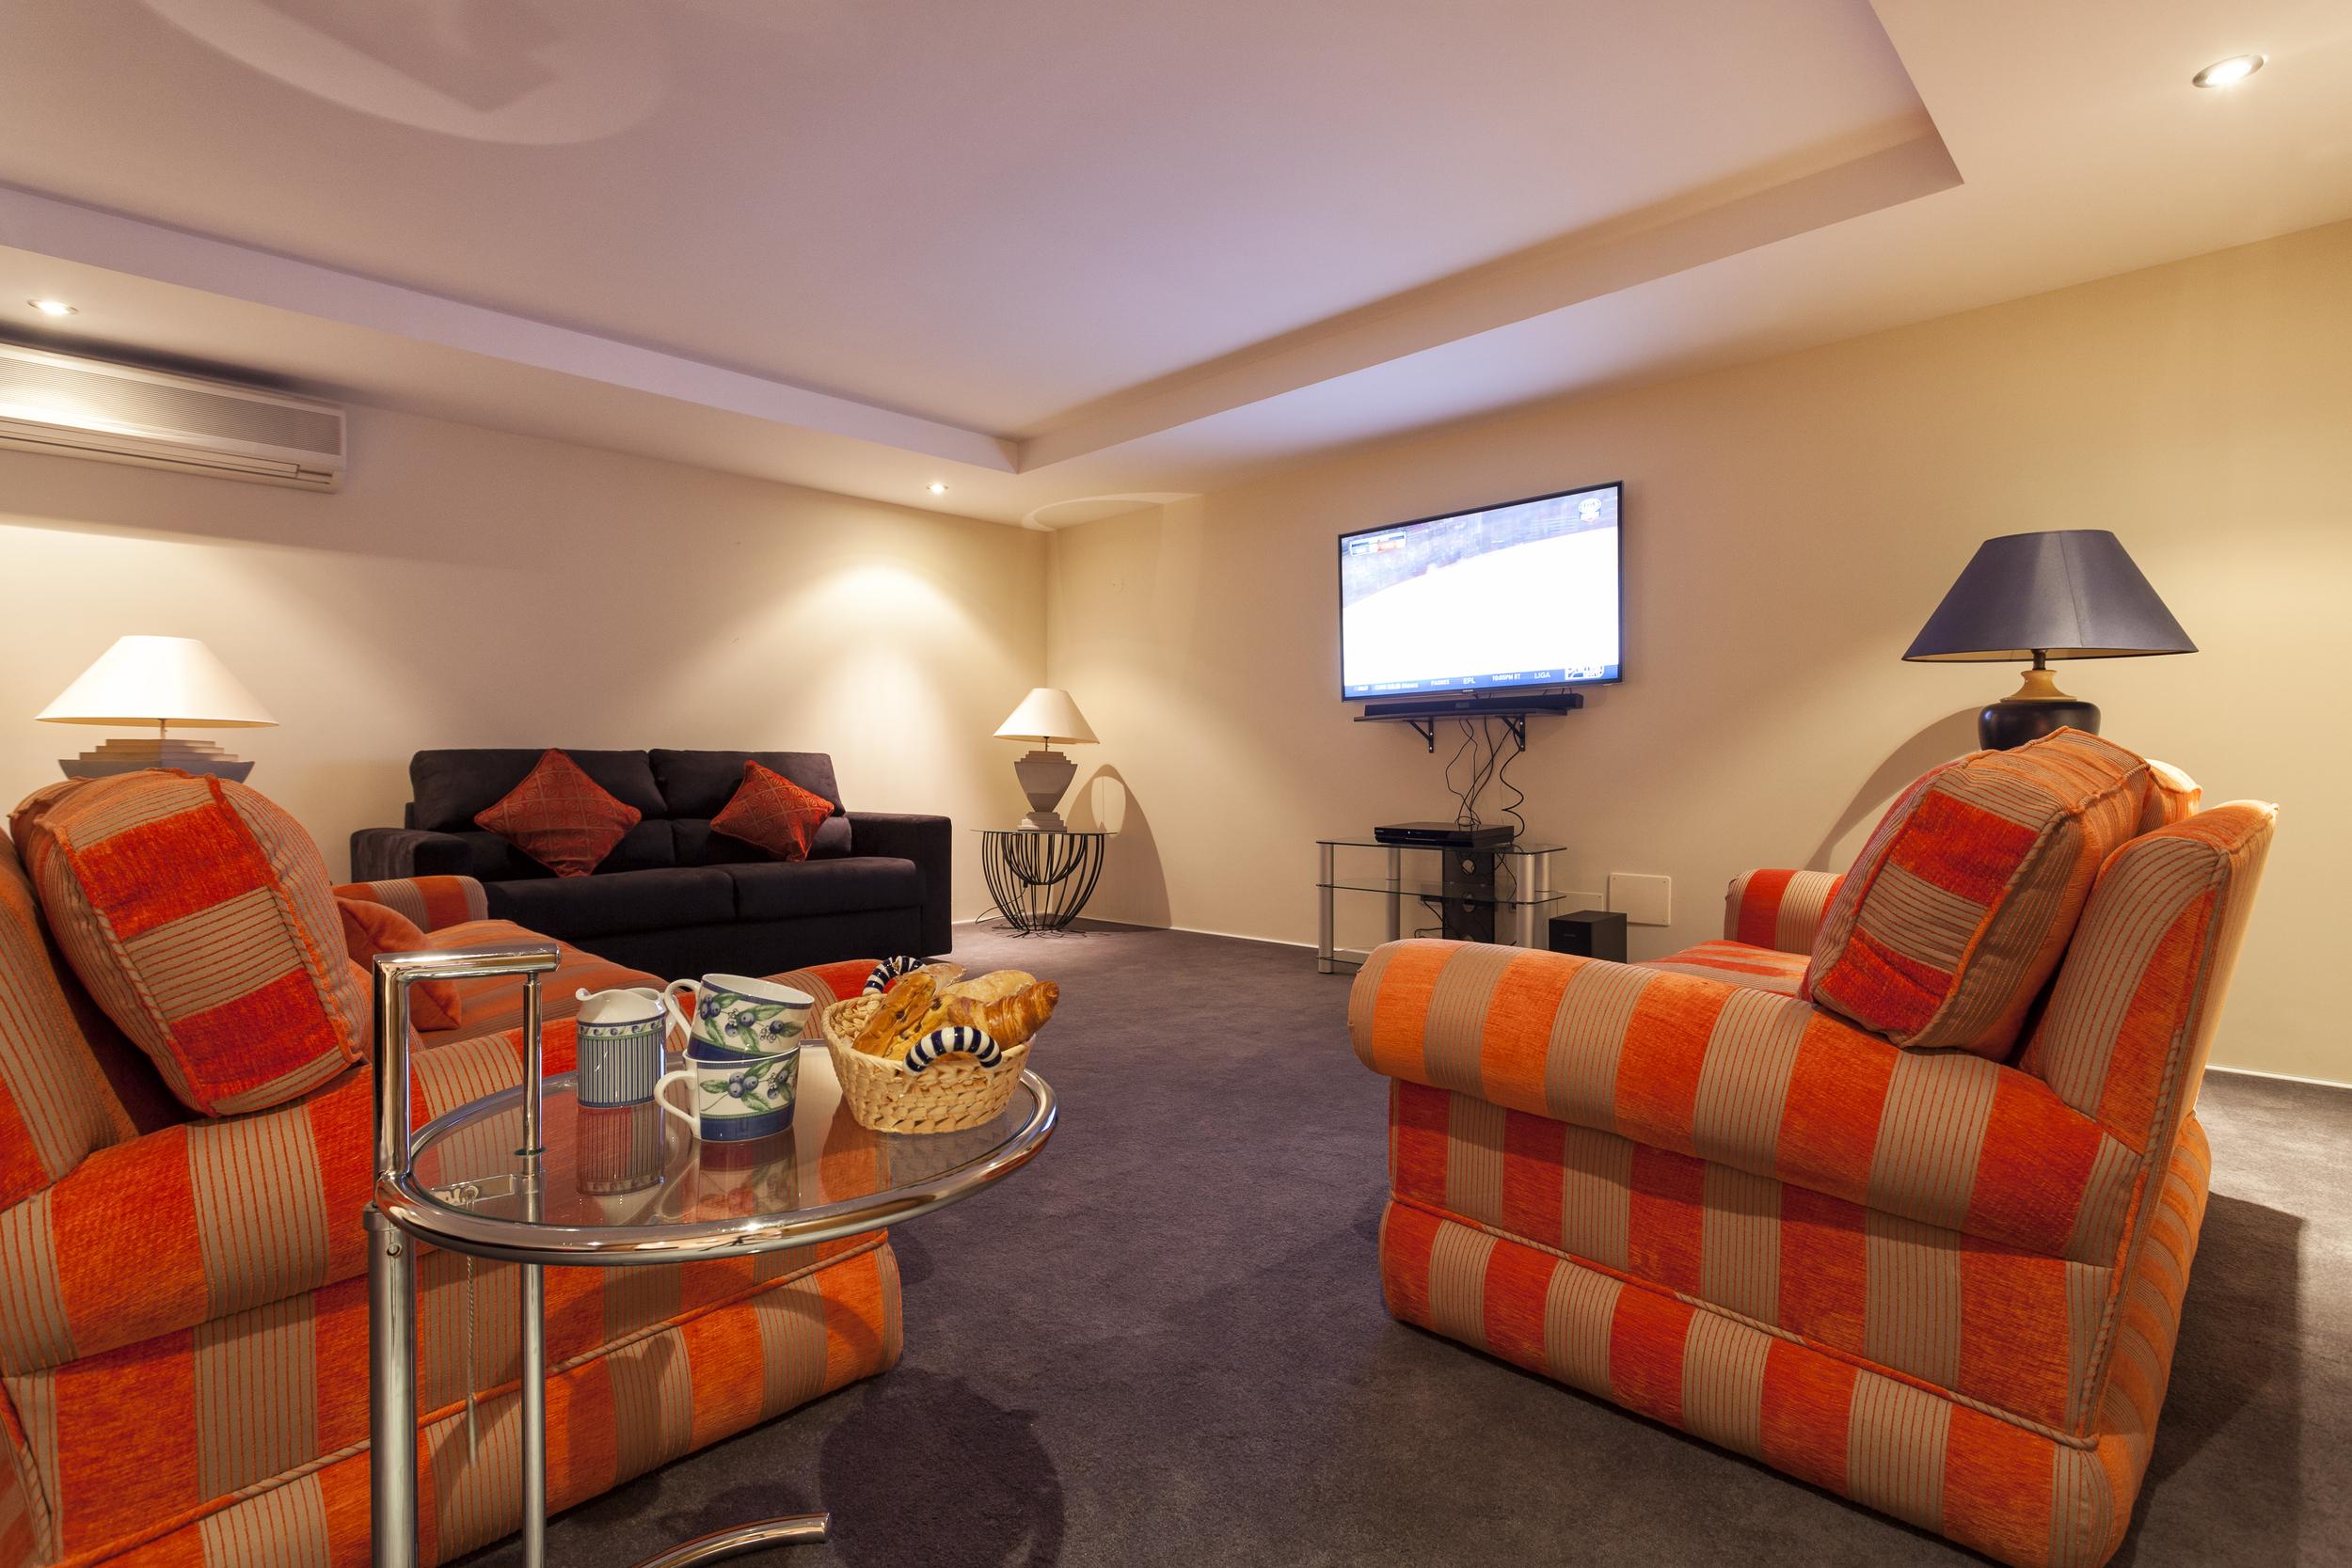 4 bedroom villa to rent in Quinta do Lago, RLV, Villa Serpentine,20.jpg